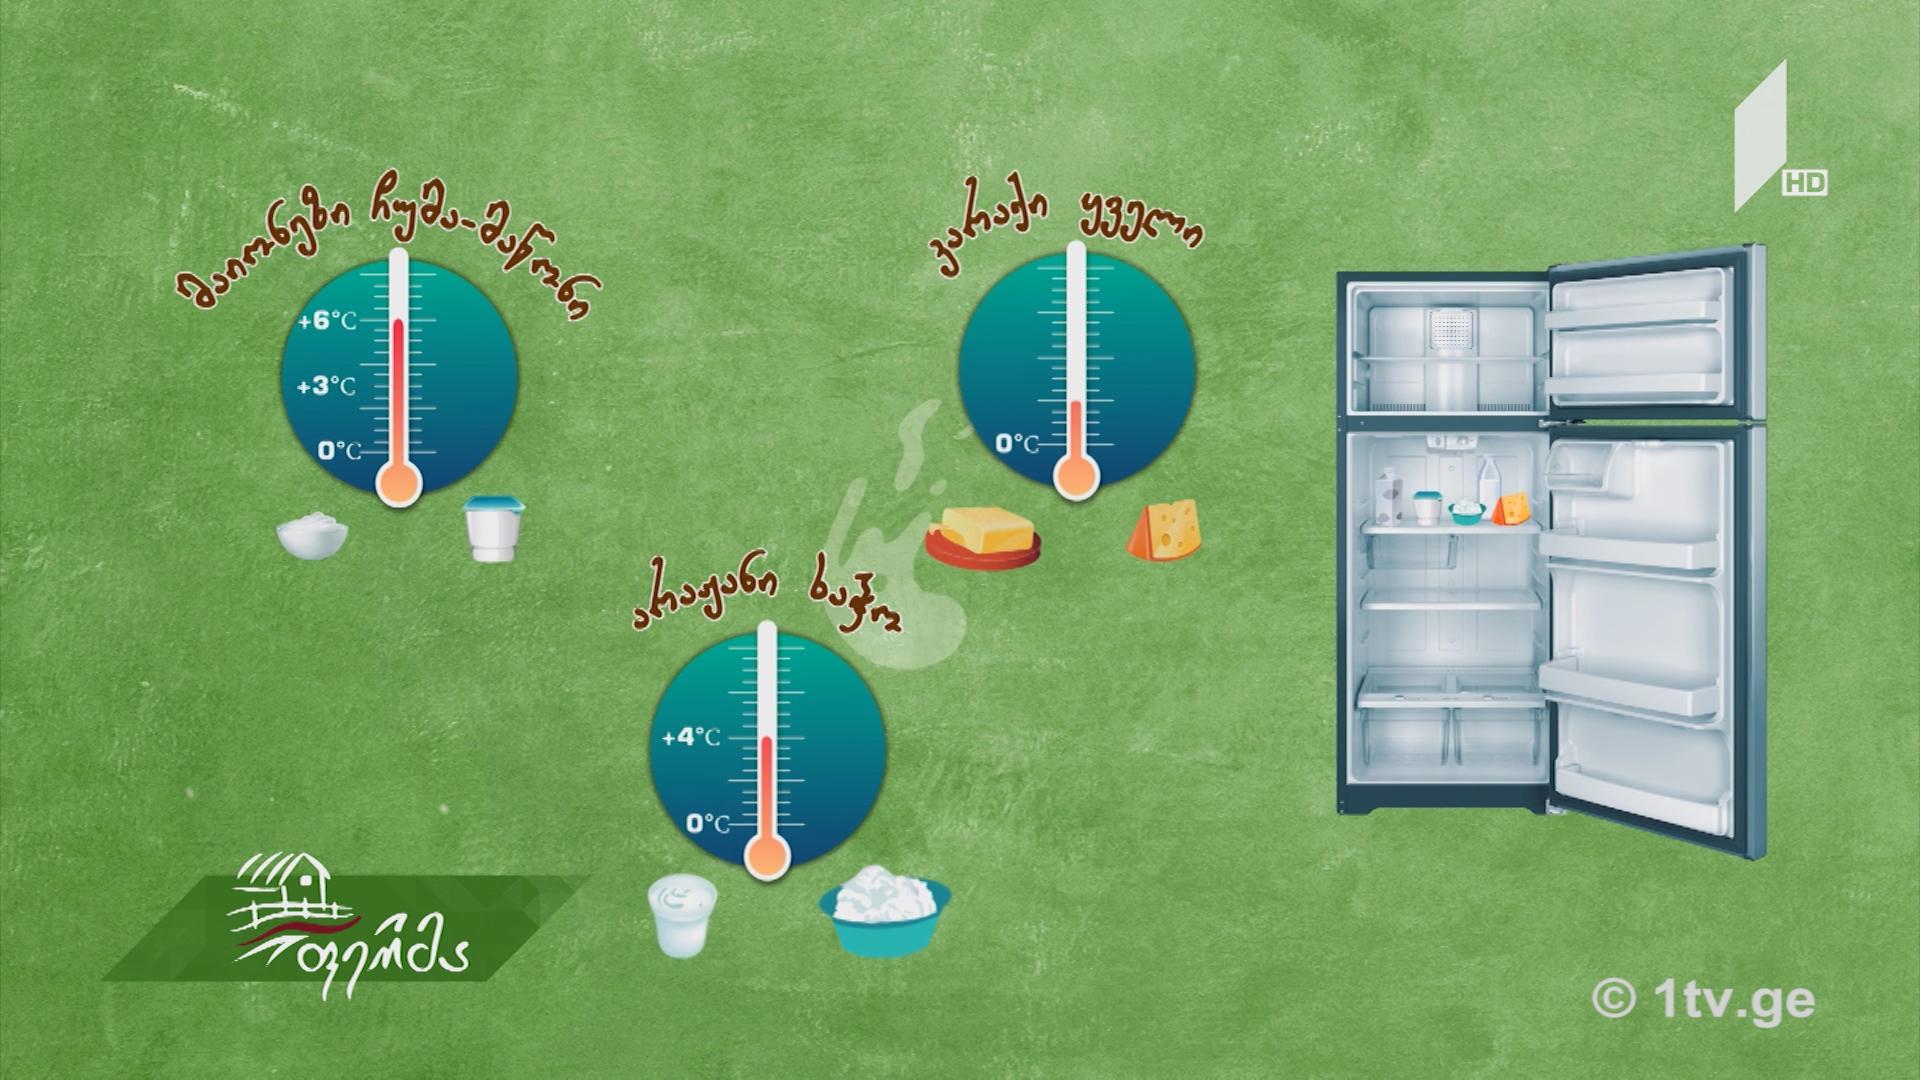 #უკეთრომაკეთოთ როგორ შევინახოთ რძის პროდუქტები